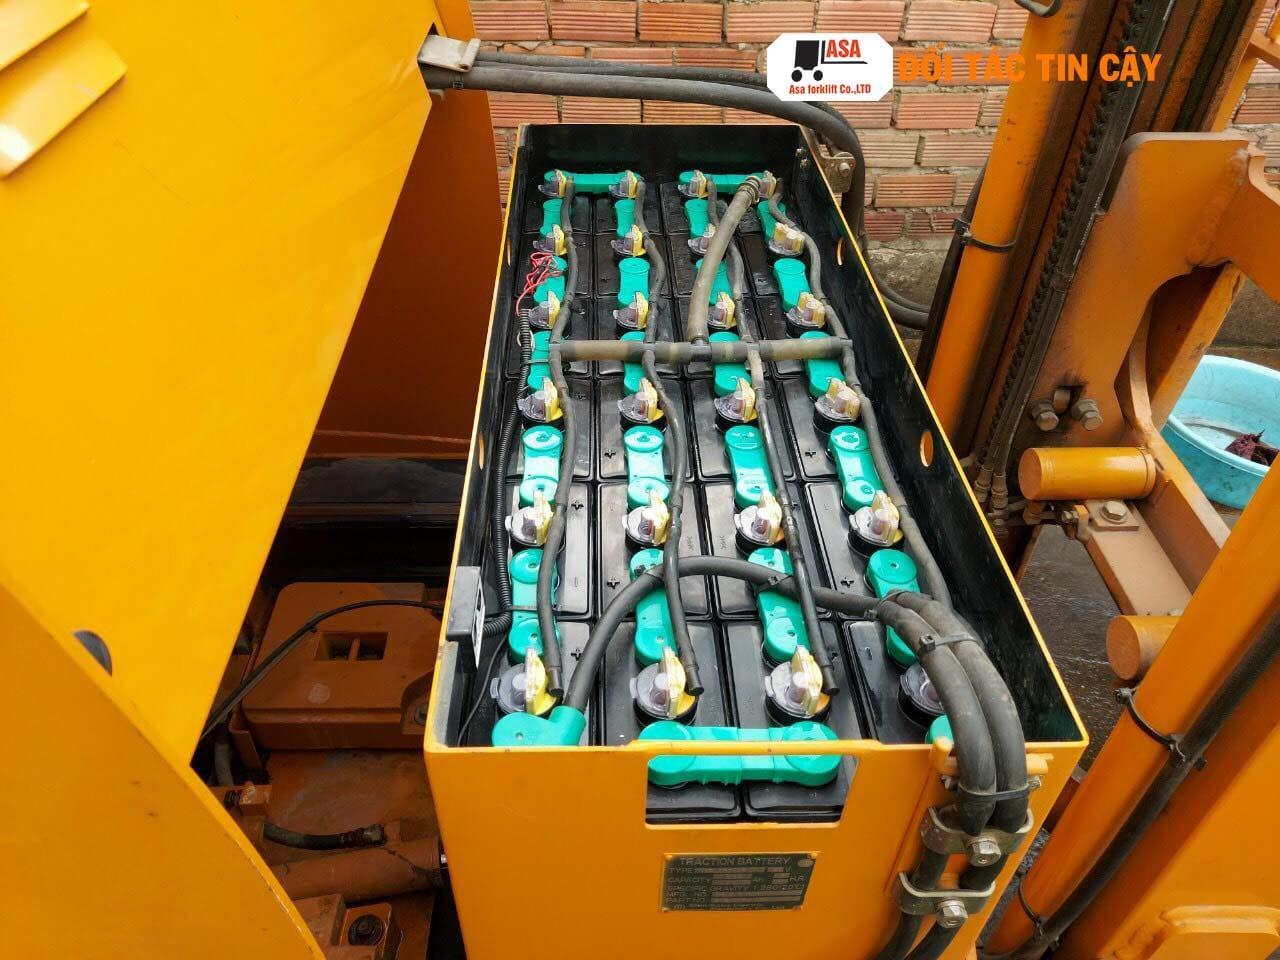 Phục hồi và sửa chữa bình ắc quy xe nâng điện